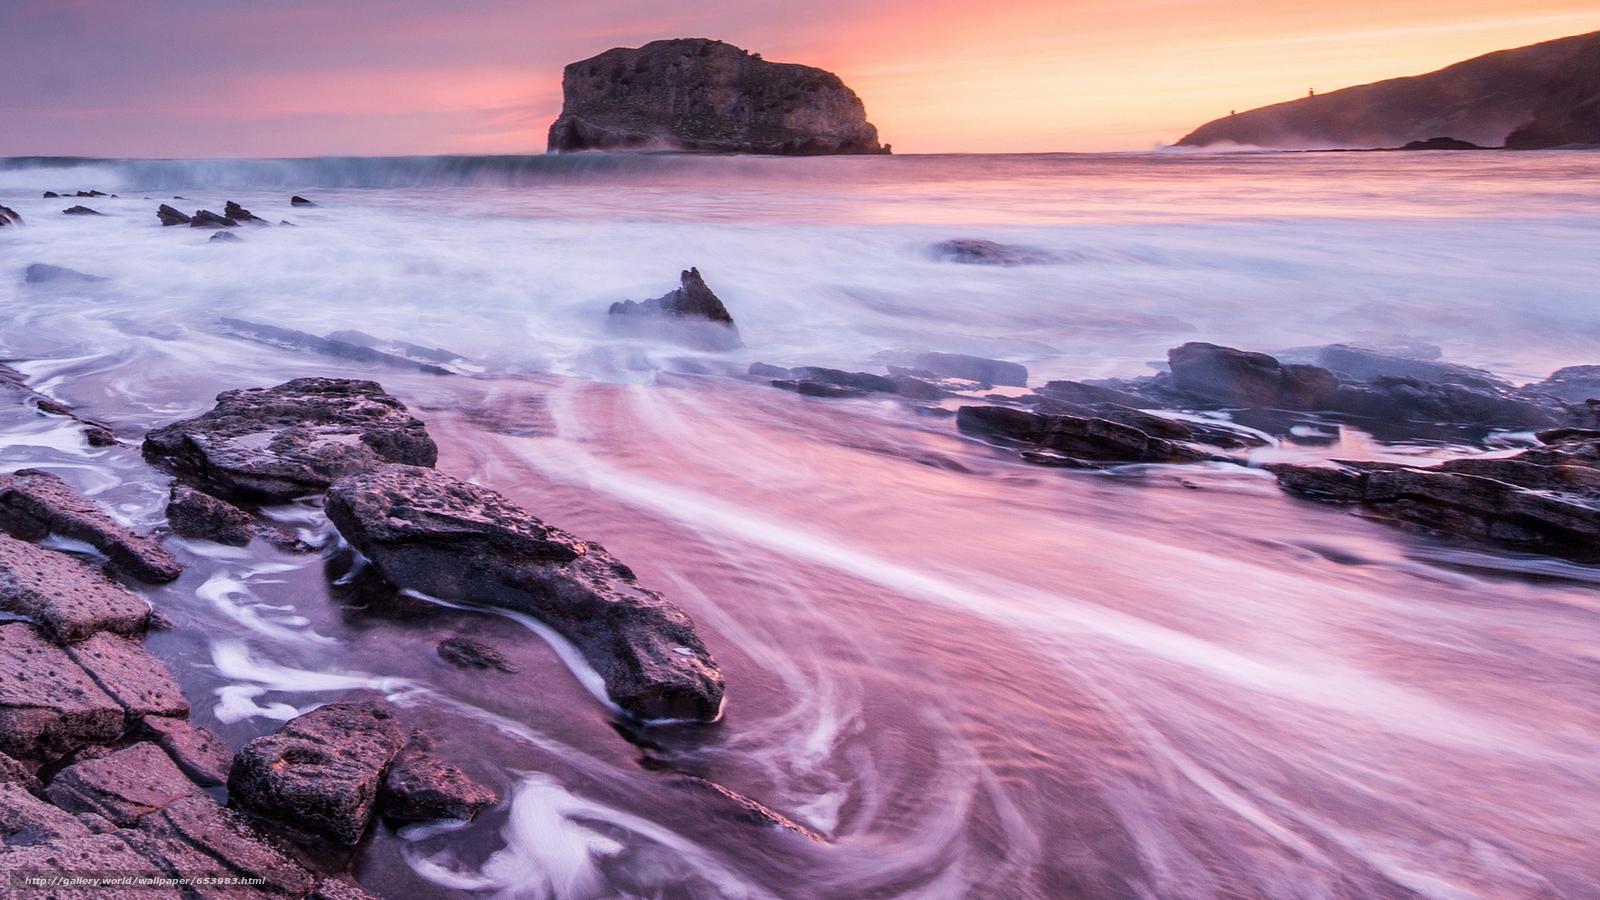 Скачать обои море,  океан,  водоем,  камни бесплатно для рабочего стола в разрешении 2048x1152 — картинка №653983